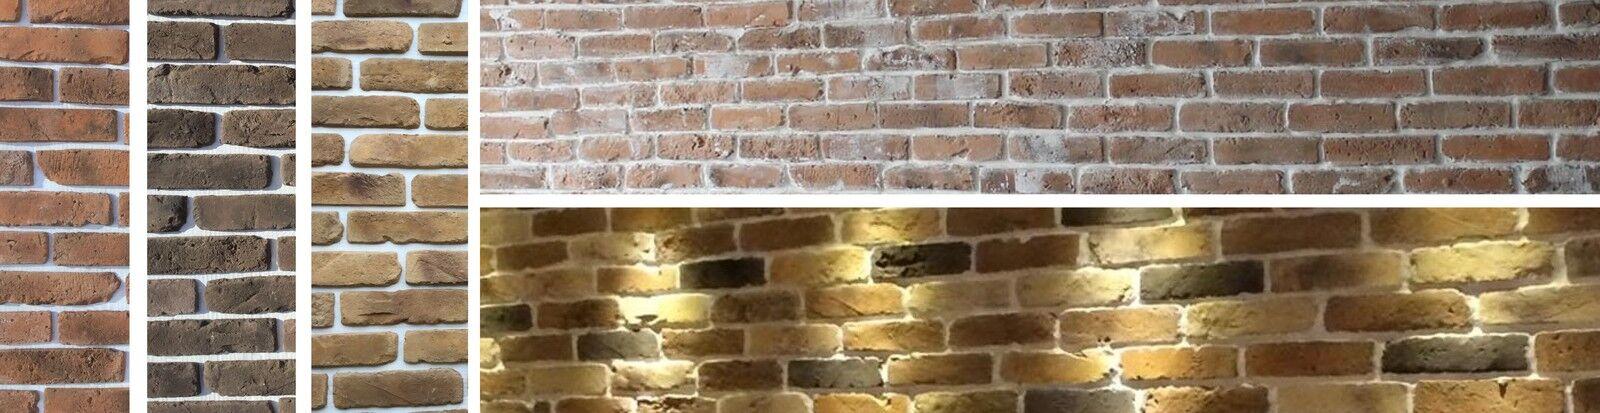 Brick Slip Cladding UK